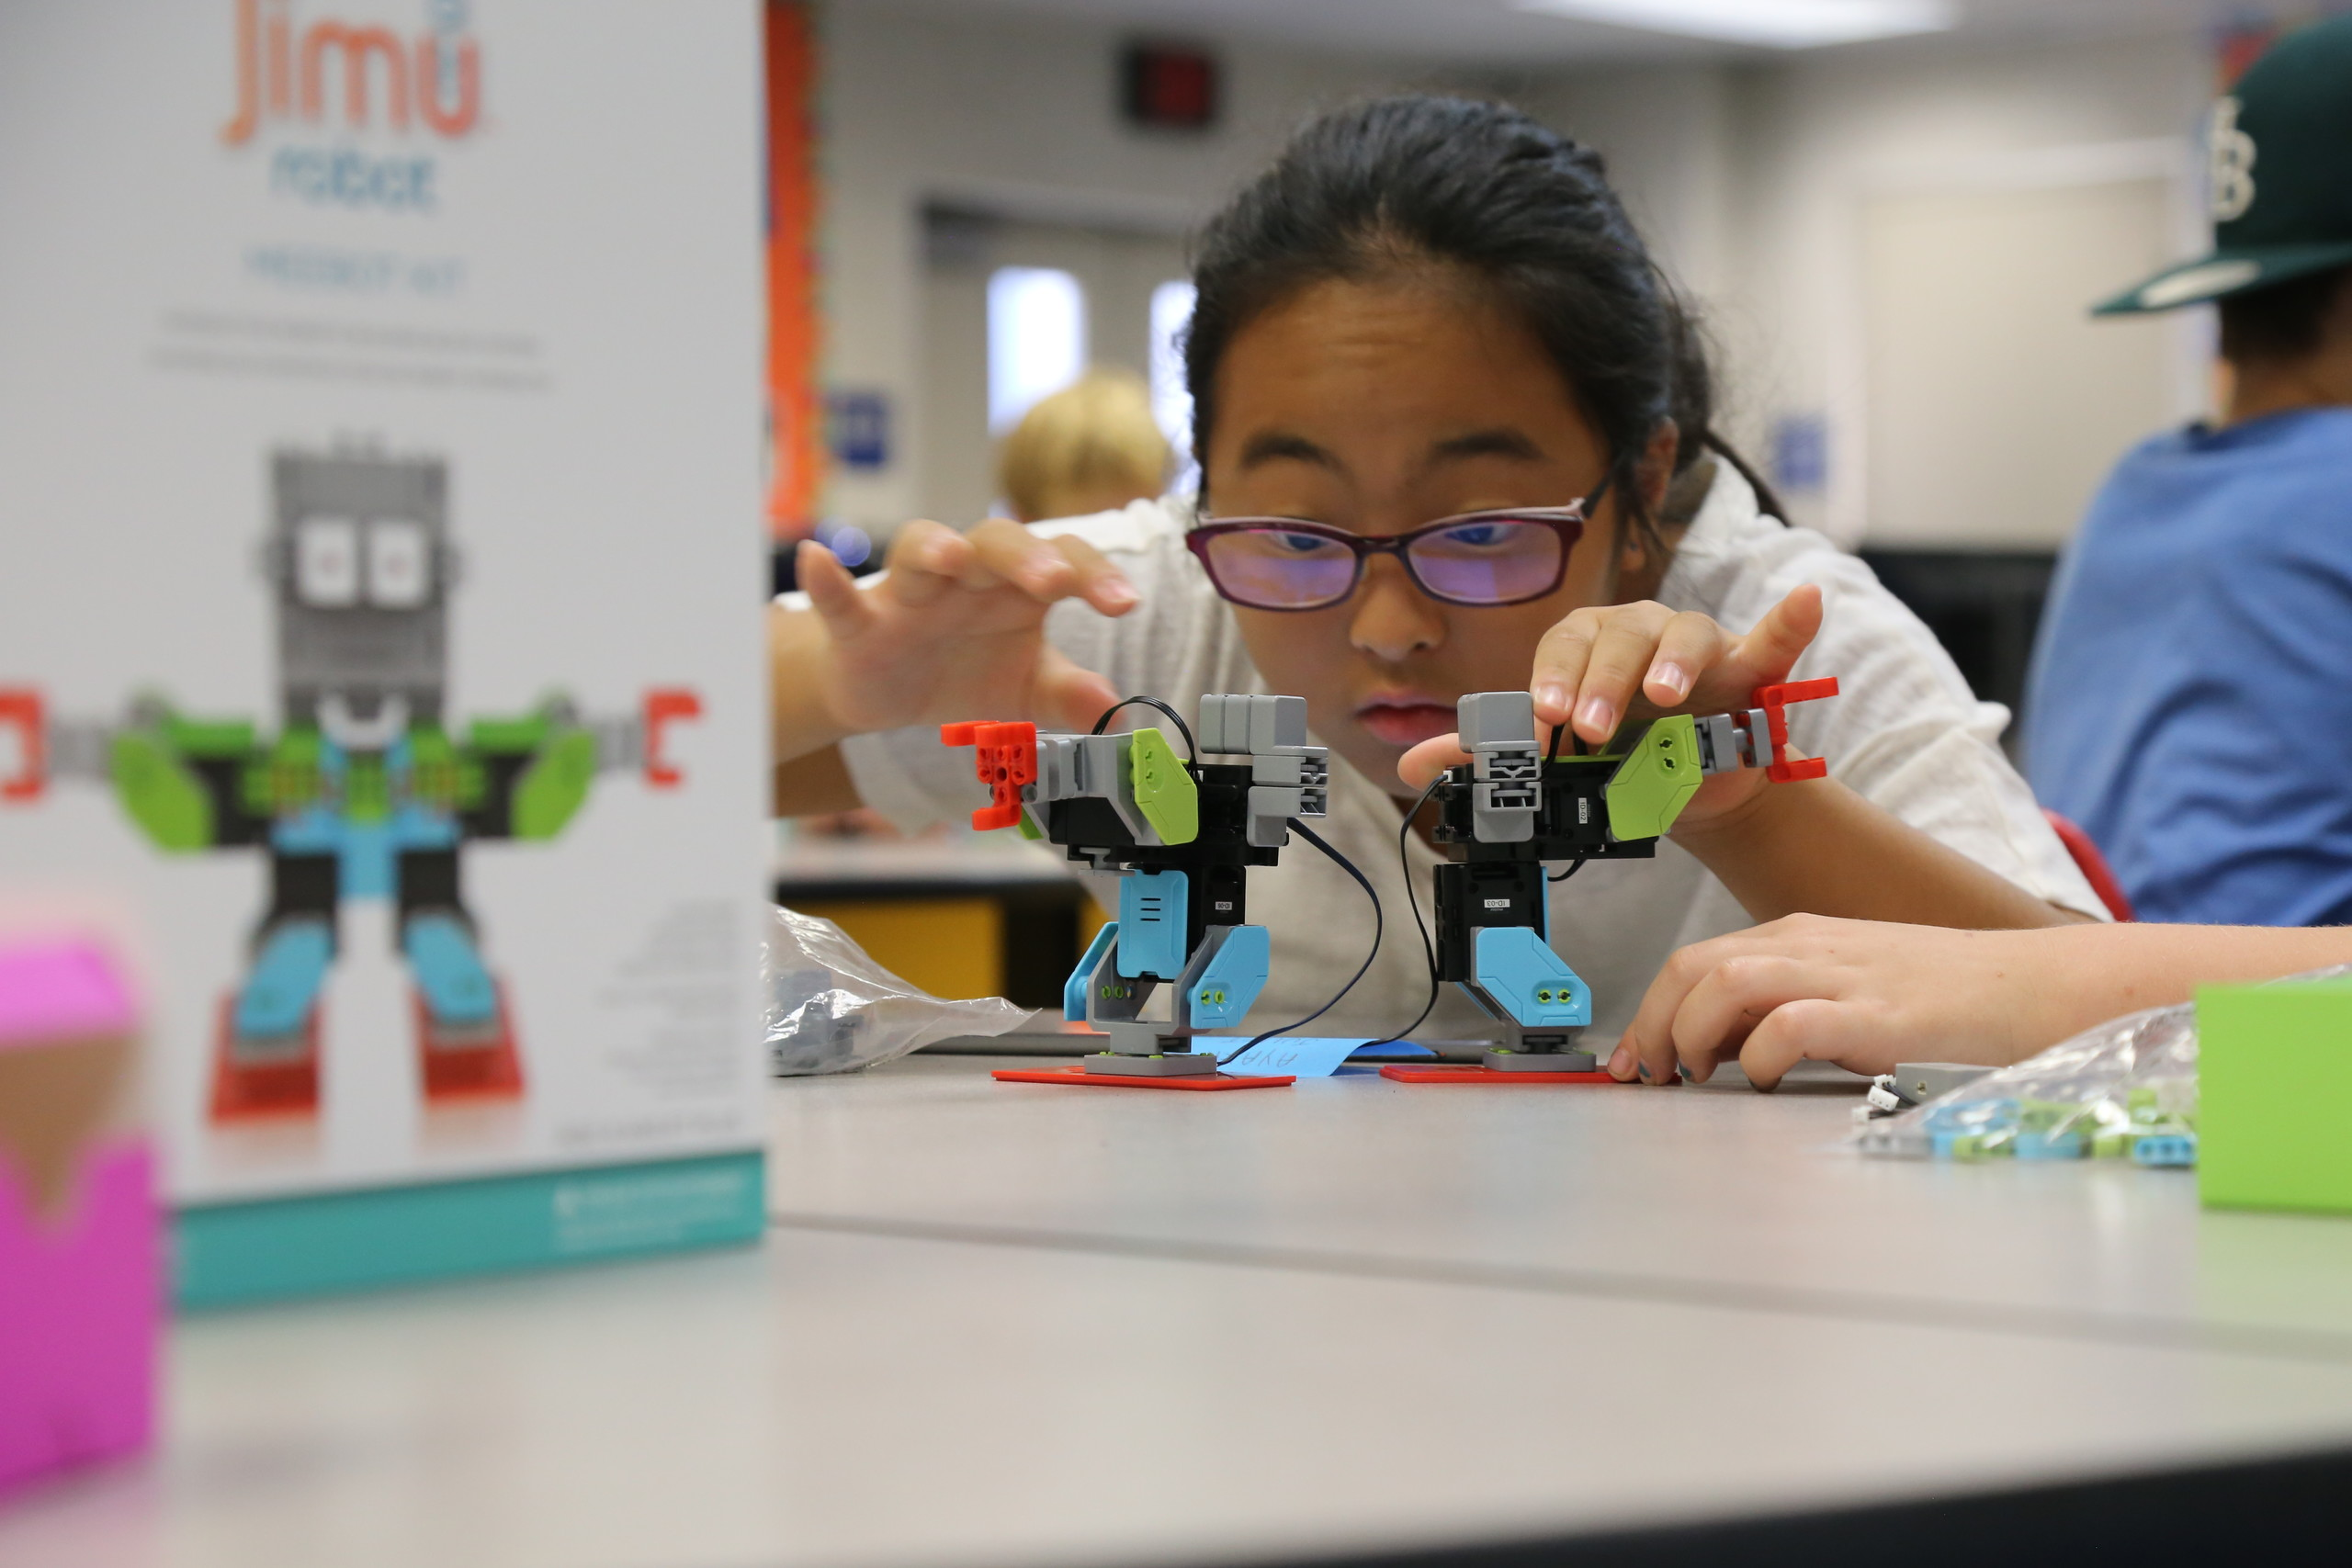 Regalos para niños y adolescentes para promover las vocaciones en informática y programación